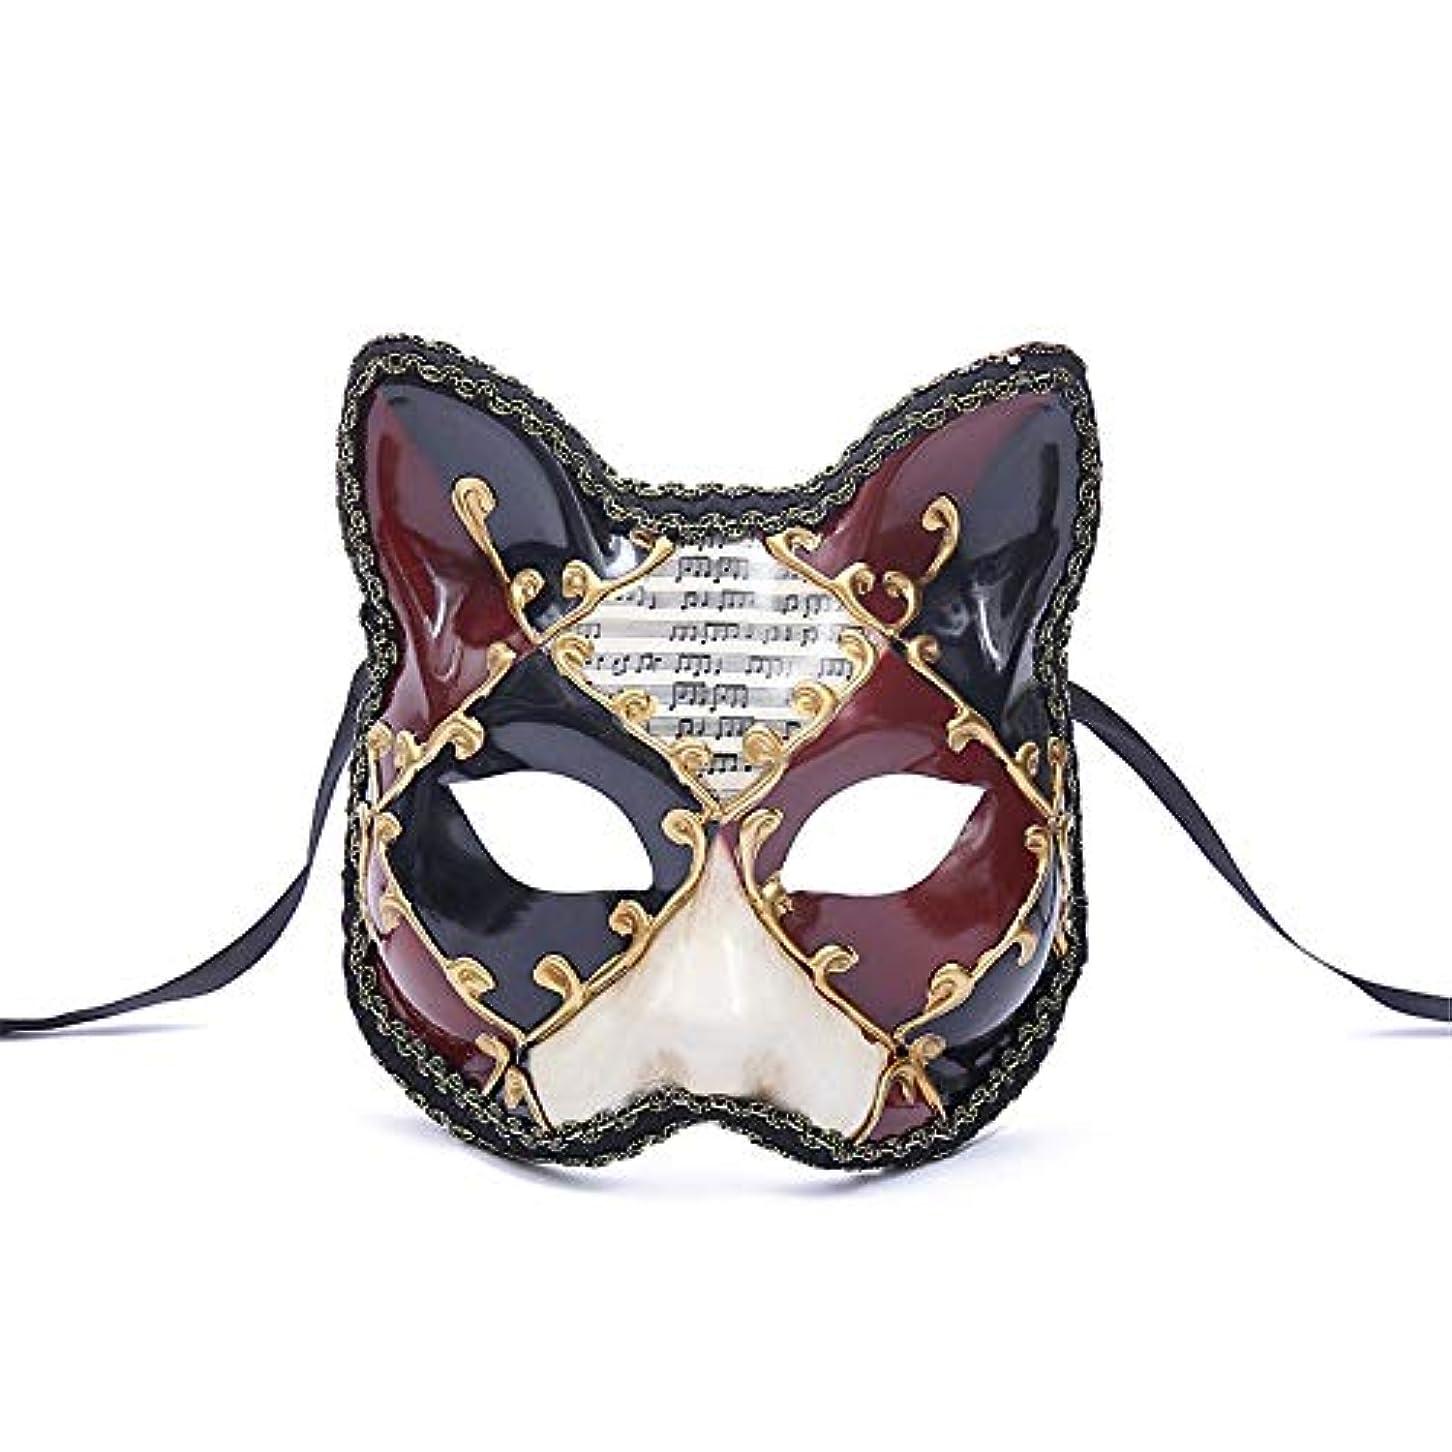 ショッキング忌避剤城ダンスマスク 大きな猫アンティーク動物レトロコスプレハロウィーン仮装マスクナイトクラブマスク雰囲気フェスティバルマスク パーティーボールマスク (色 : 赤, サイズ : 17.5x16cm)